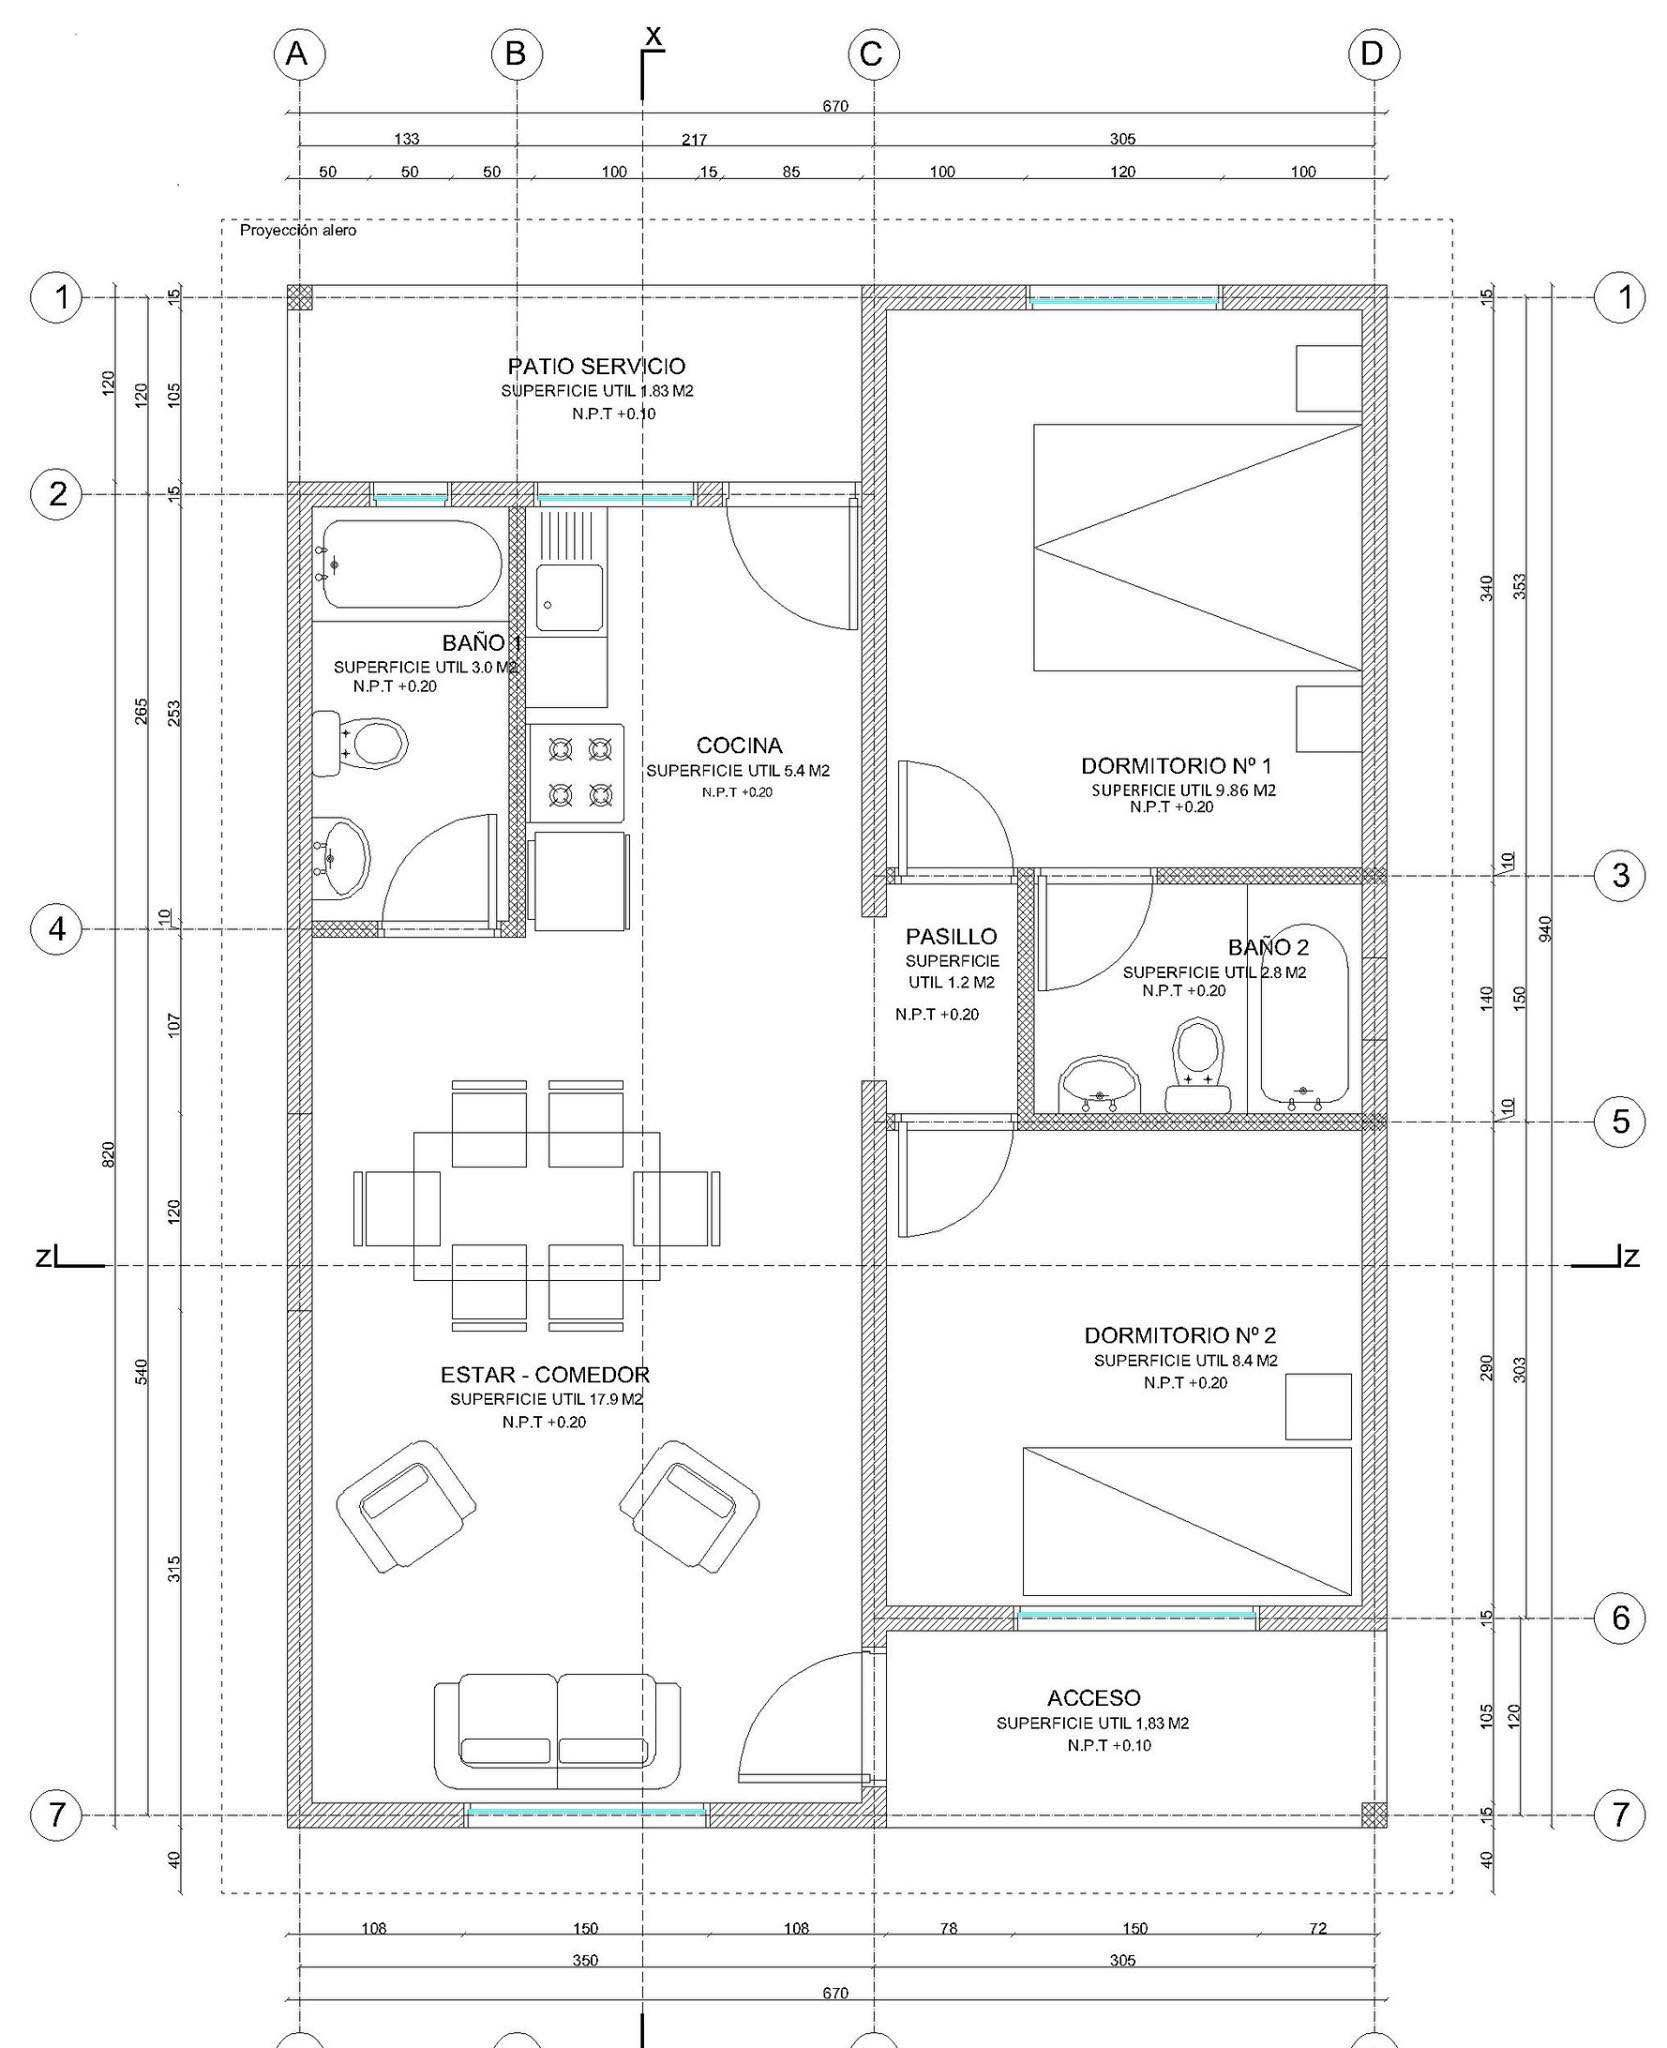 Preview plano de casa completo con medidas 55 m2 1 piso 2 for Planos de casas con medidas